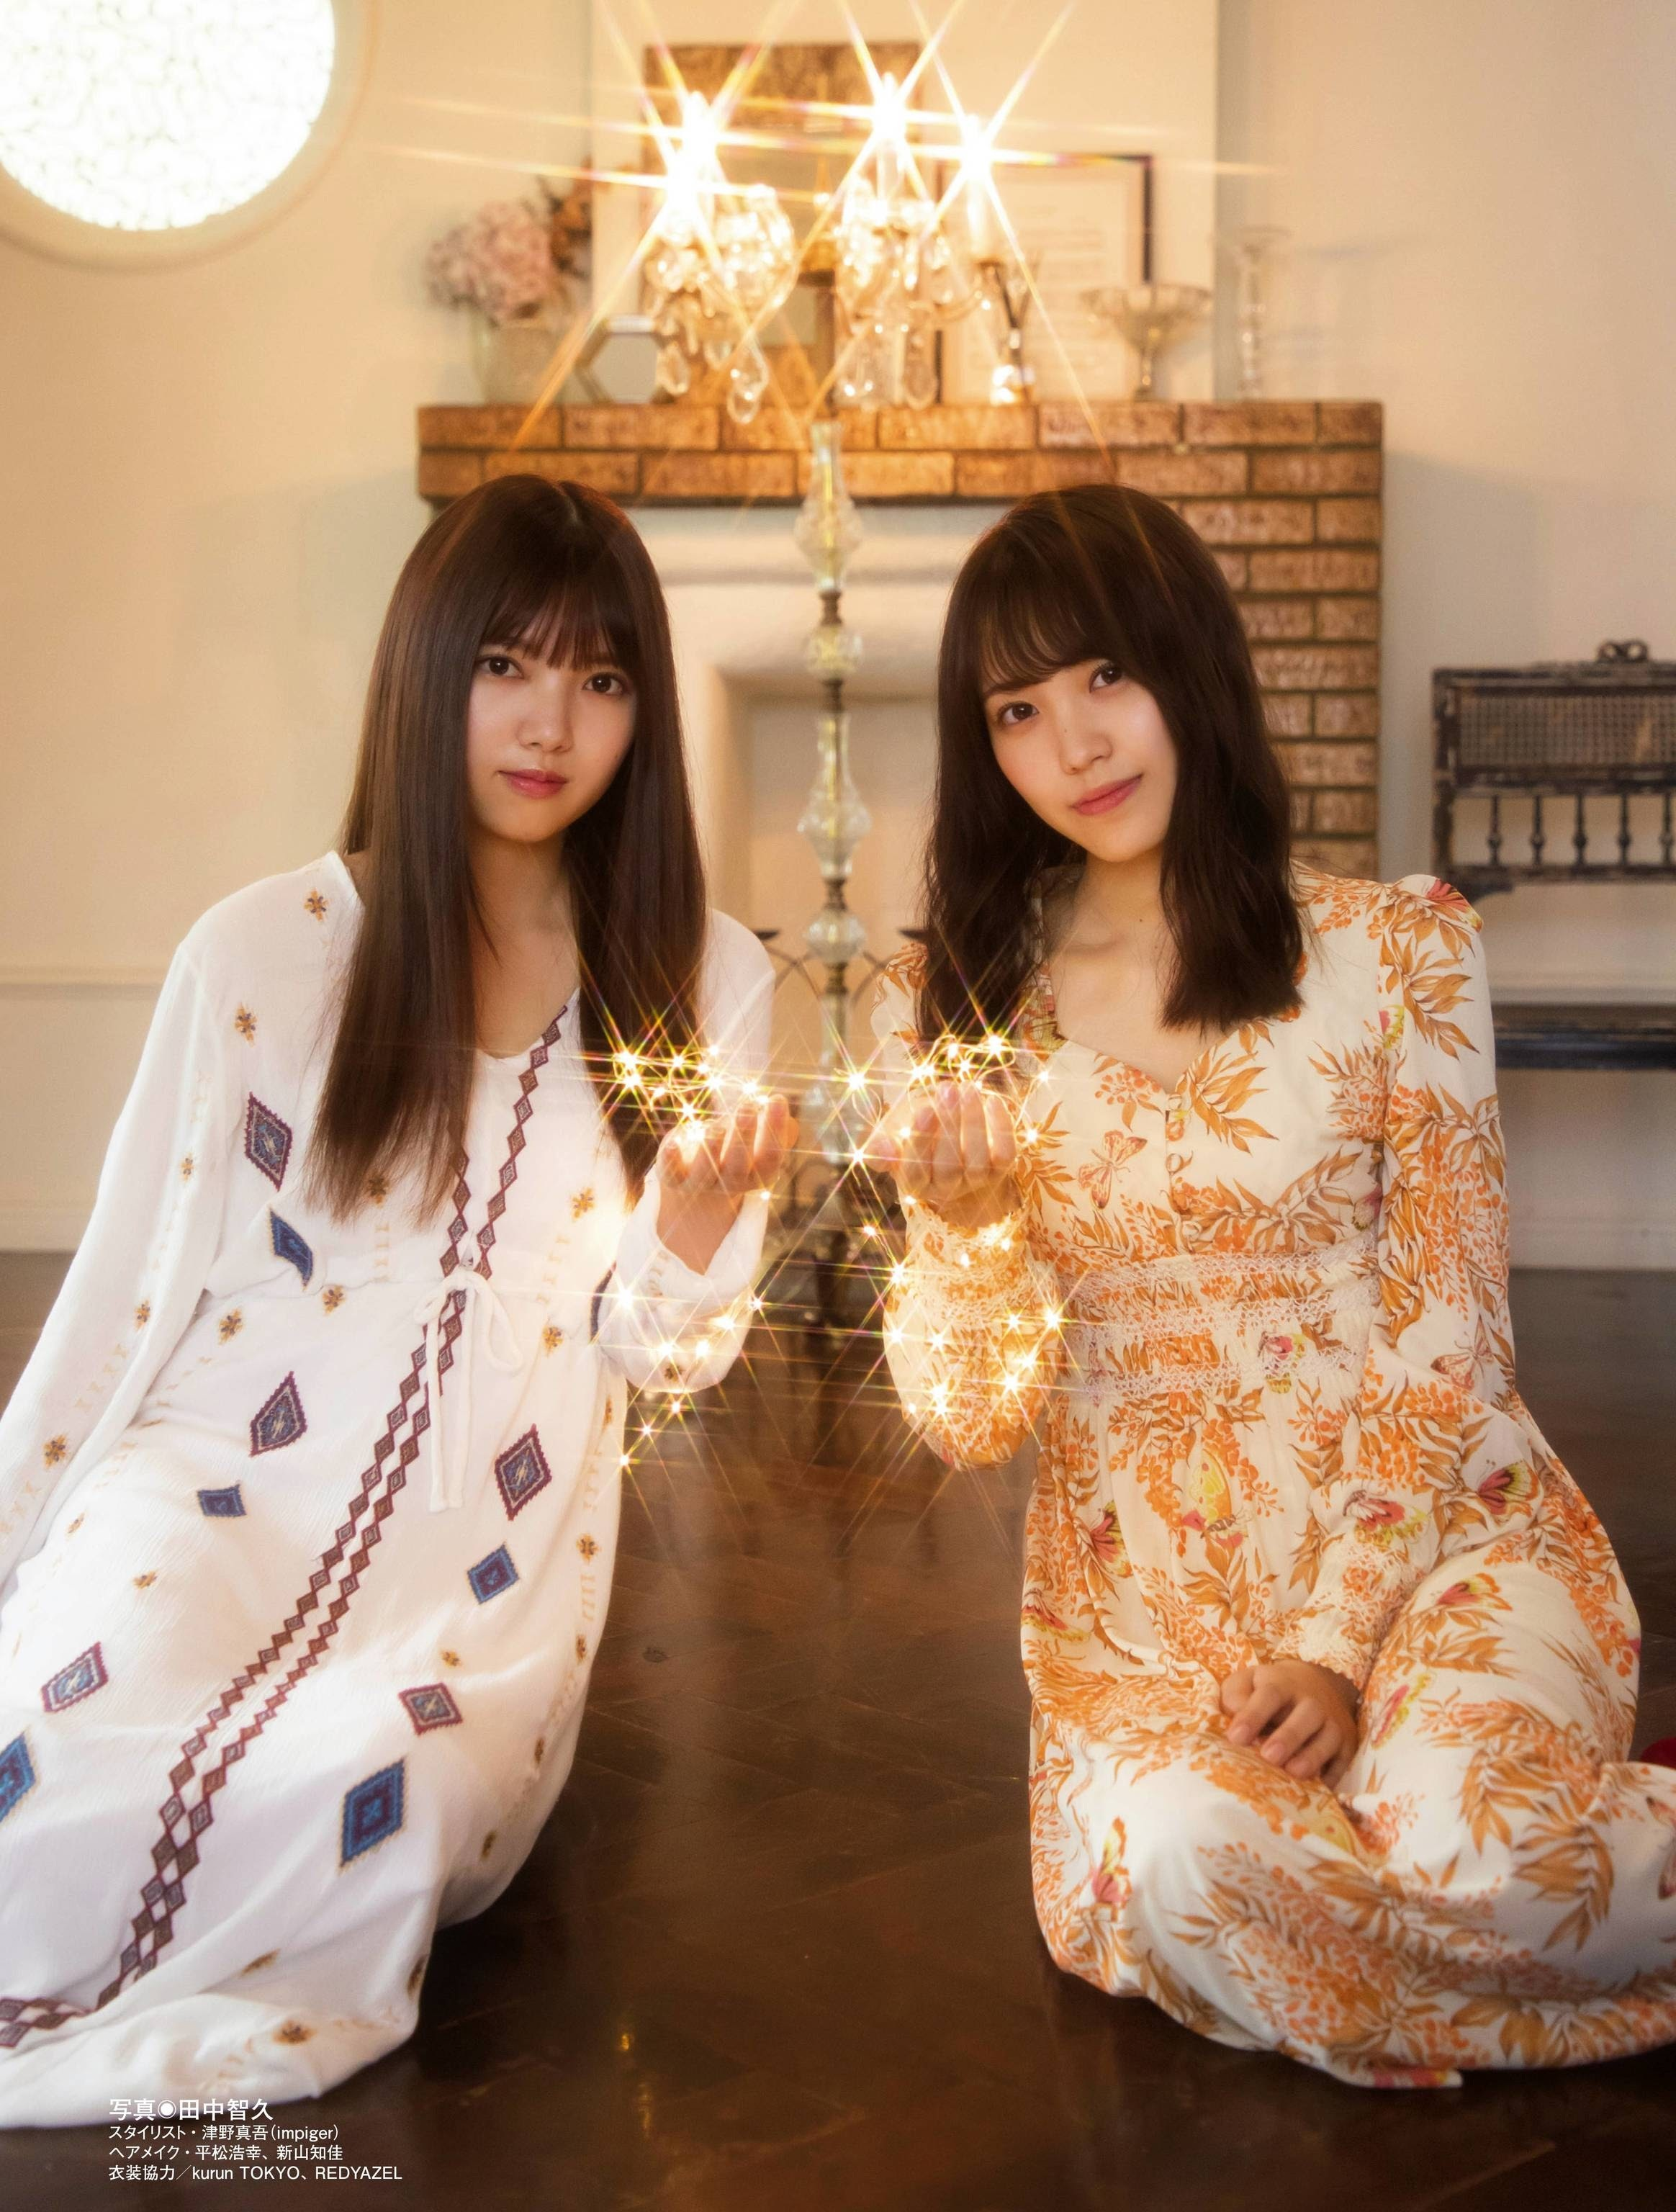 04-Rina Uemura x Rina Matsuda (7)